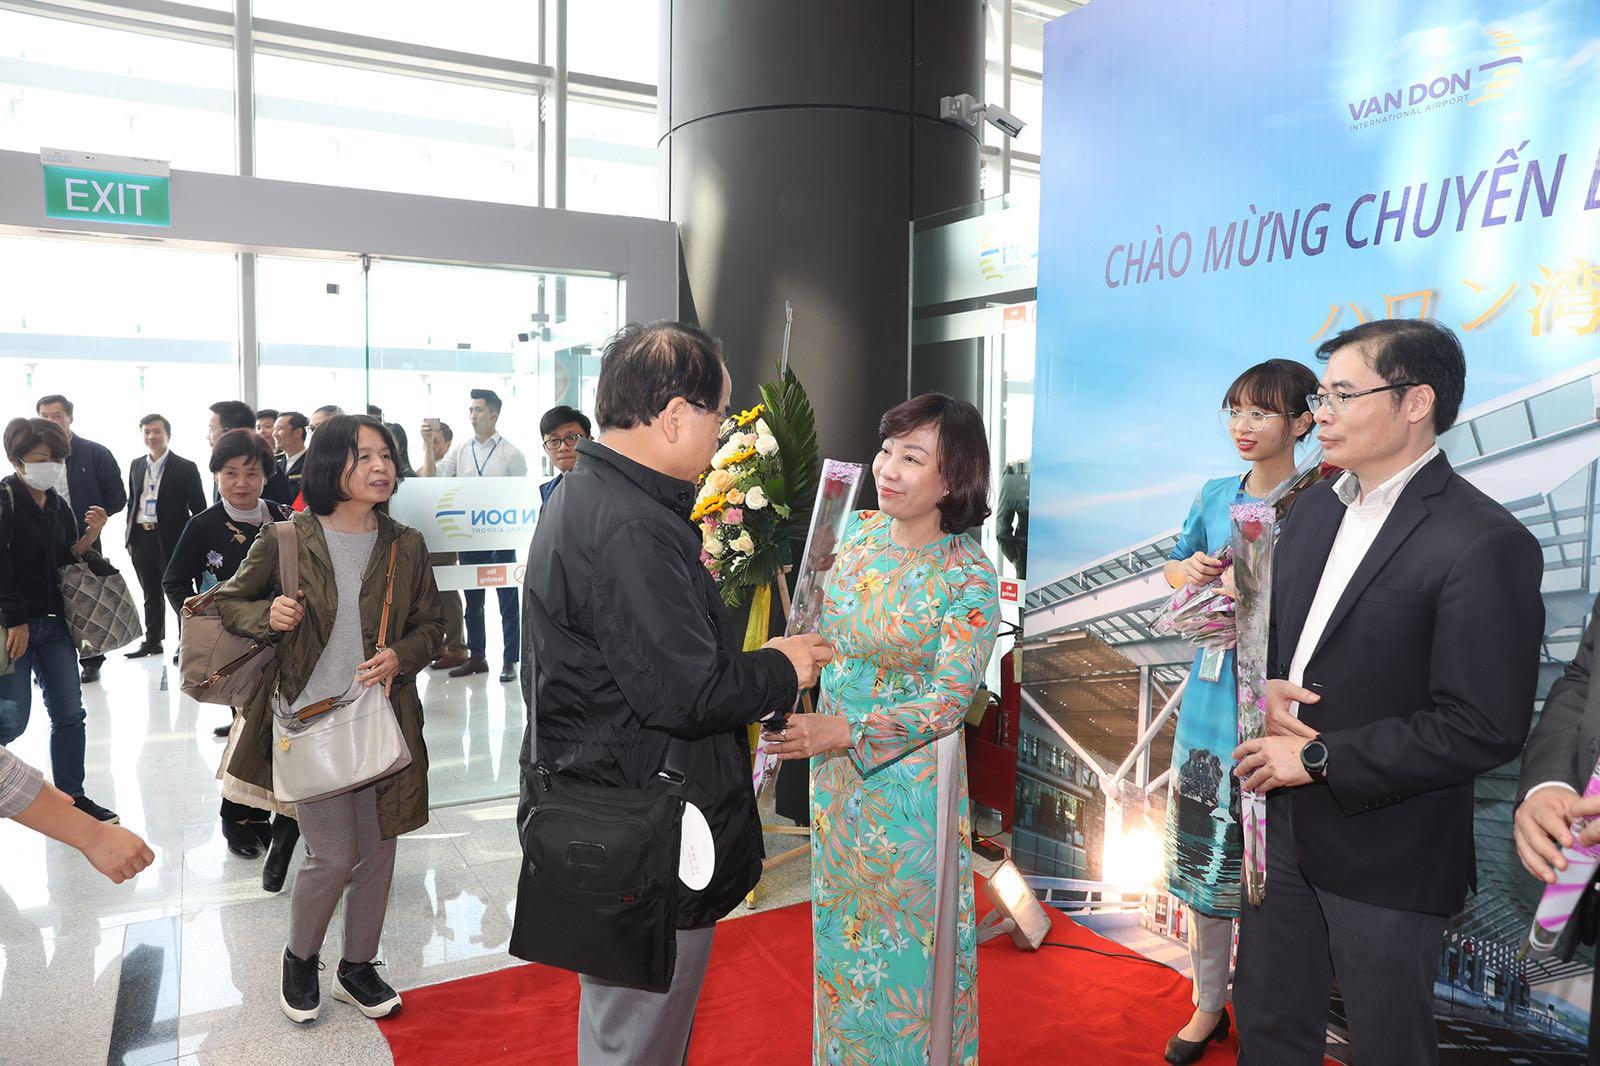 Hai chuyến bay từ Nhật Bản hạ cánh xuống sân bay quốc tế Vân Đồn - Ảnh 2